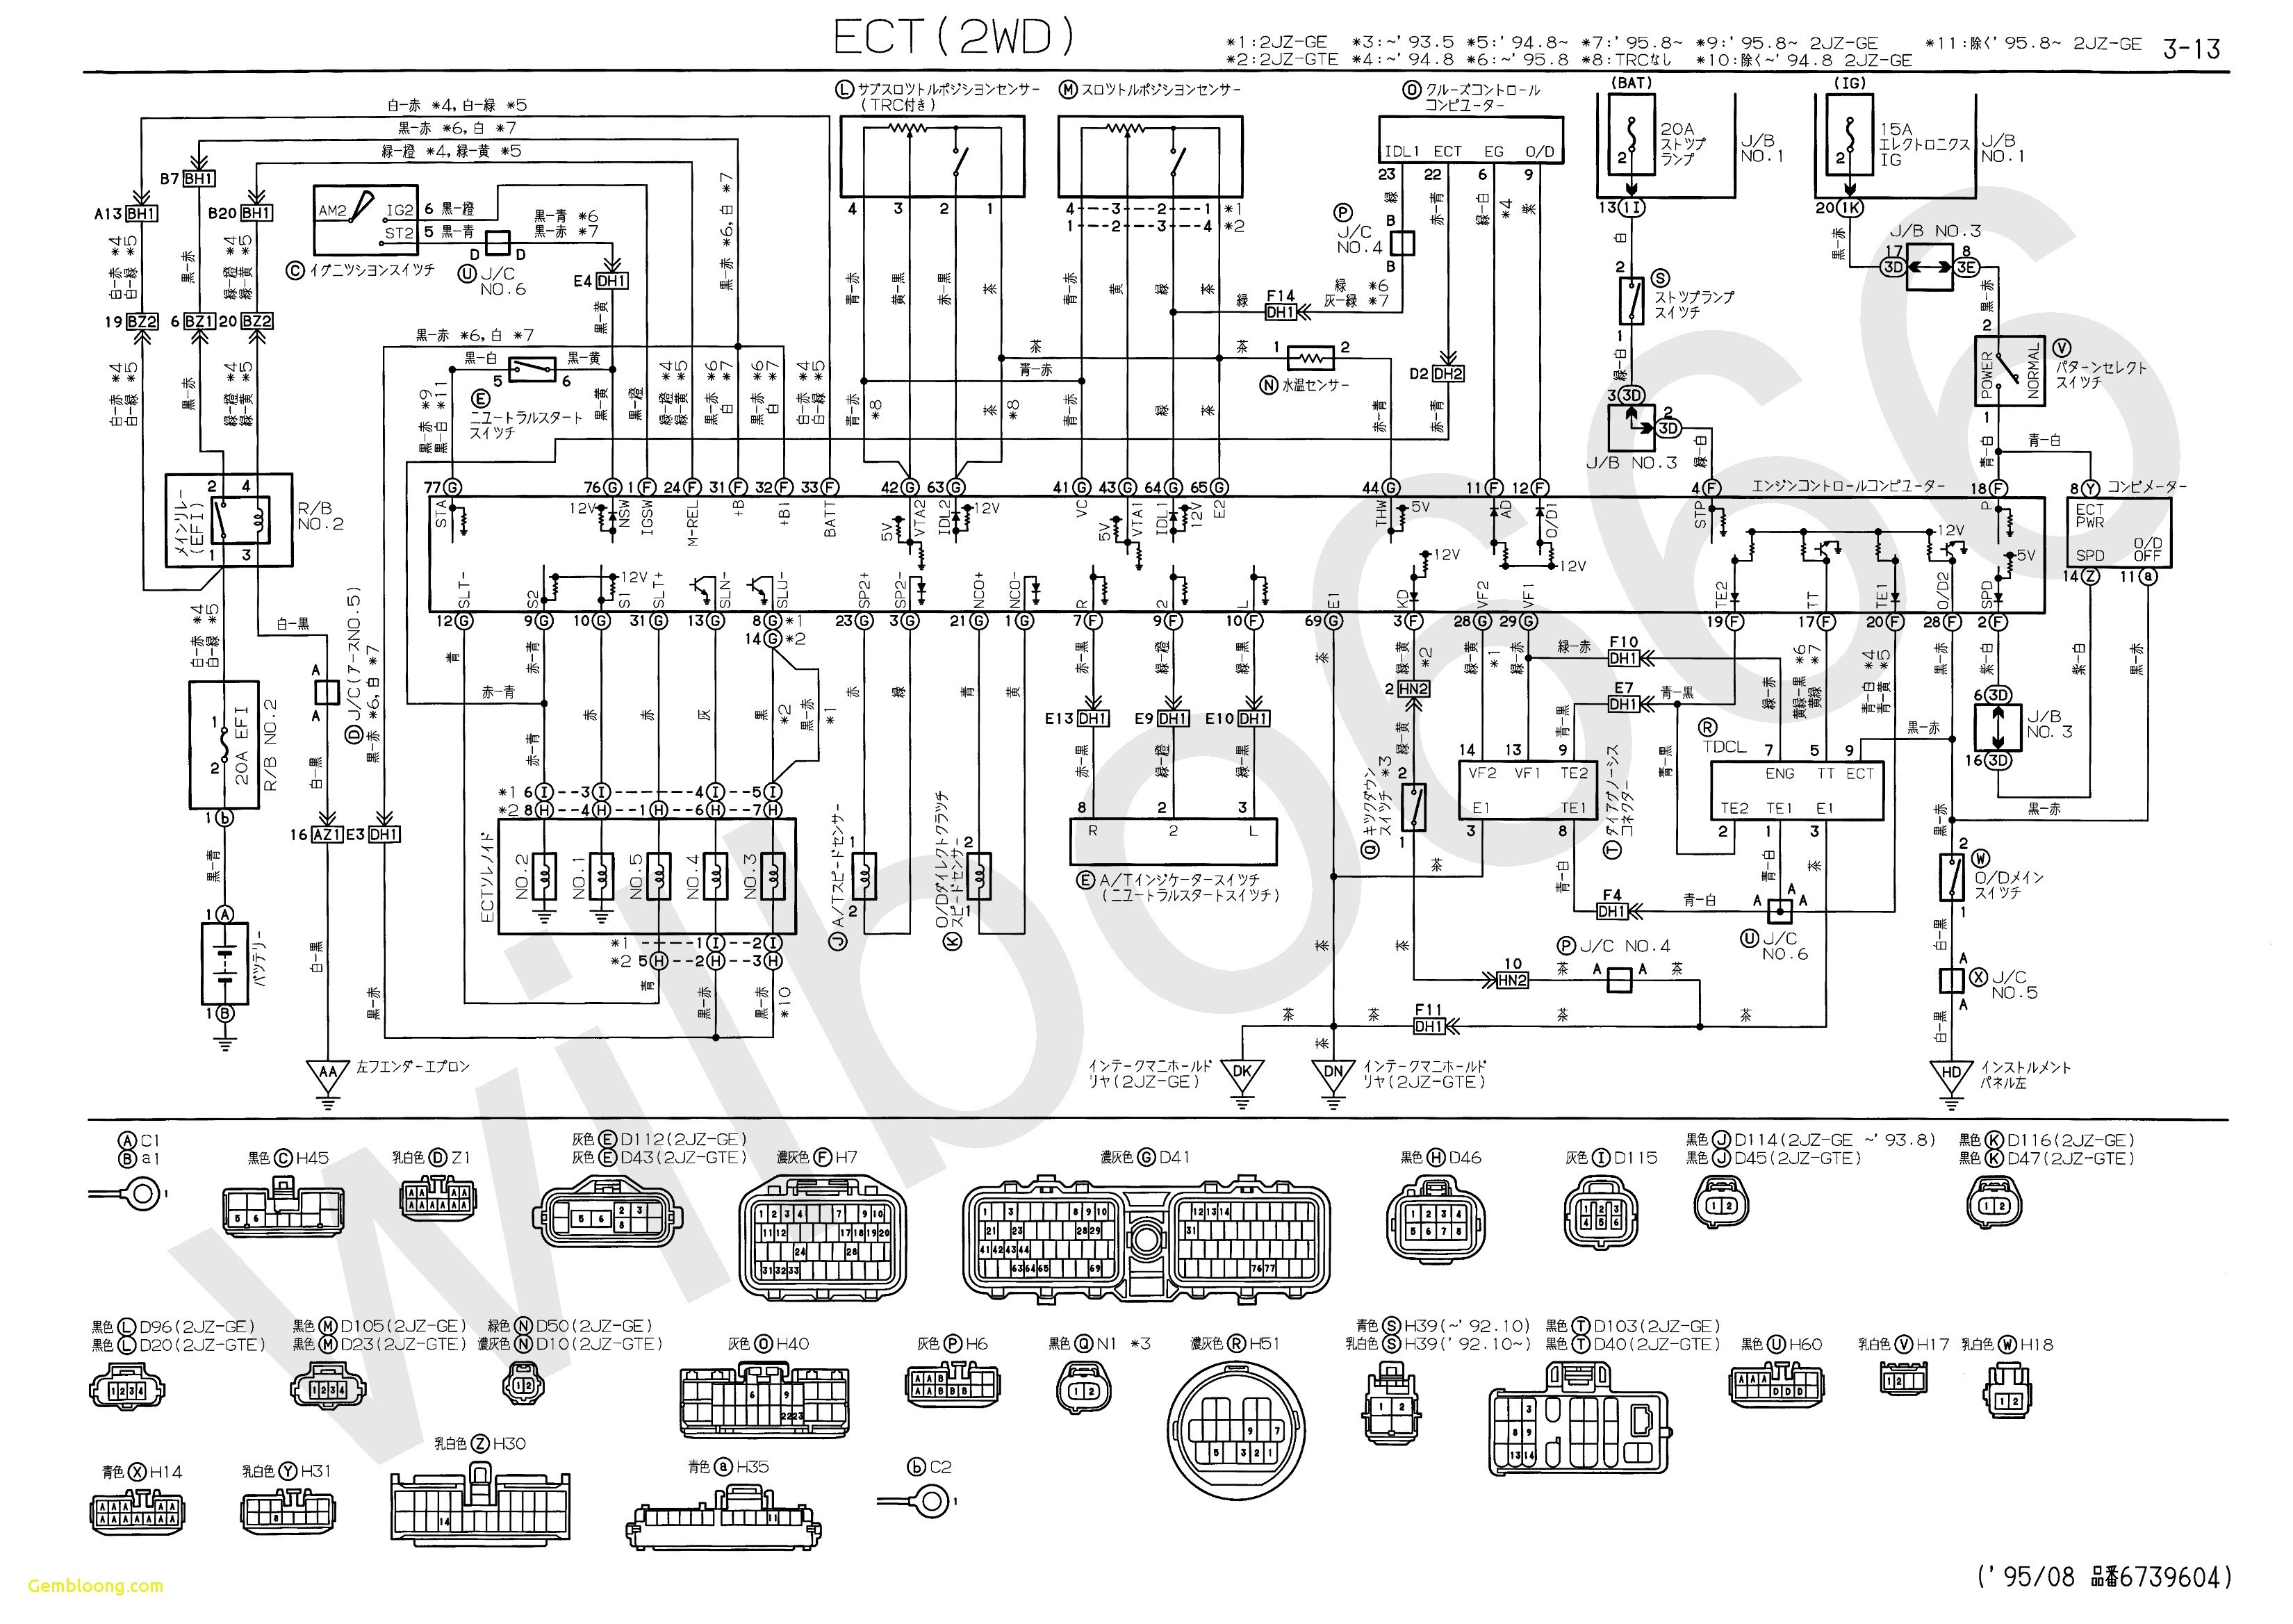 bd9b37e toyota liteace wiring diagram download wiring toyota wiring diagrams online privea toyota wiring diagrams pdf #9